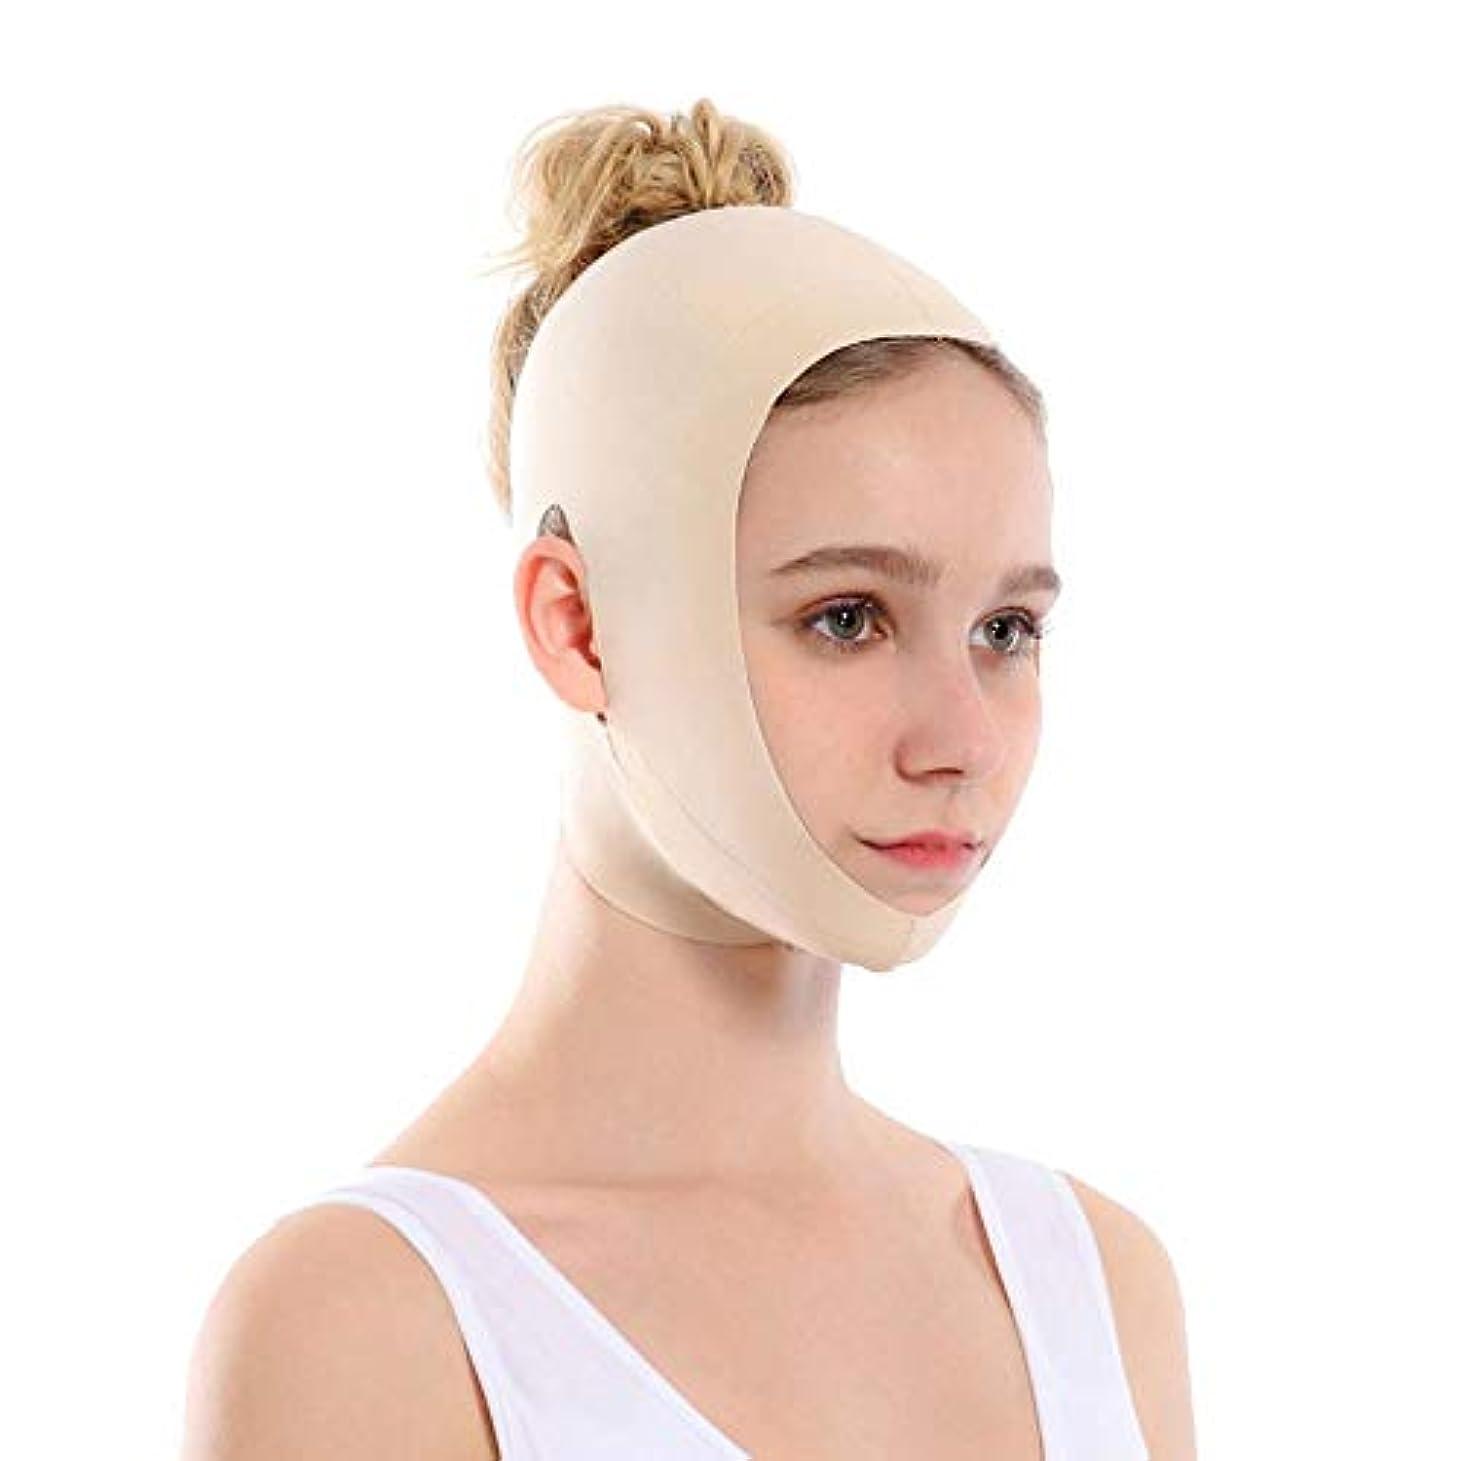 モデレータ誓いキャップ顔を持ち上げるアーティファクトVフェイス包帯リフティング引き締め睡眠薄い顔を整形持ち上げる顔を二重あご矯正 - 肌の色